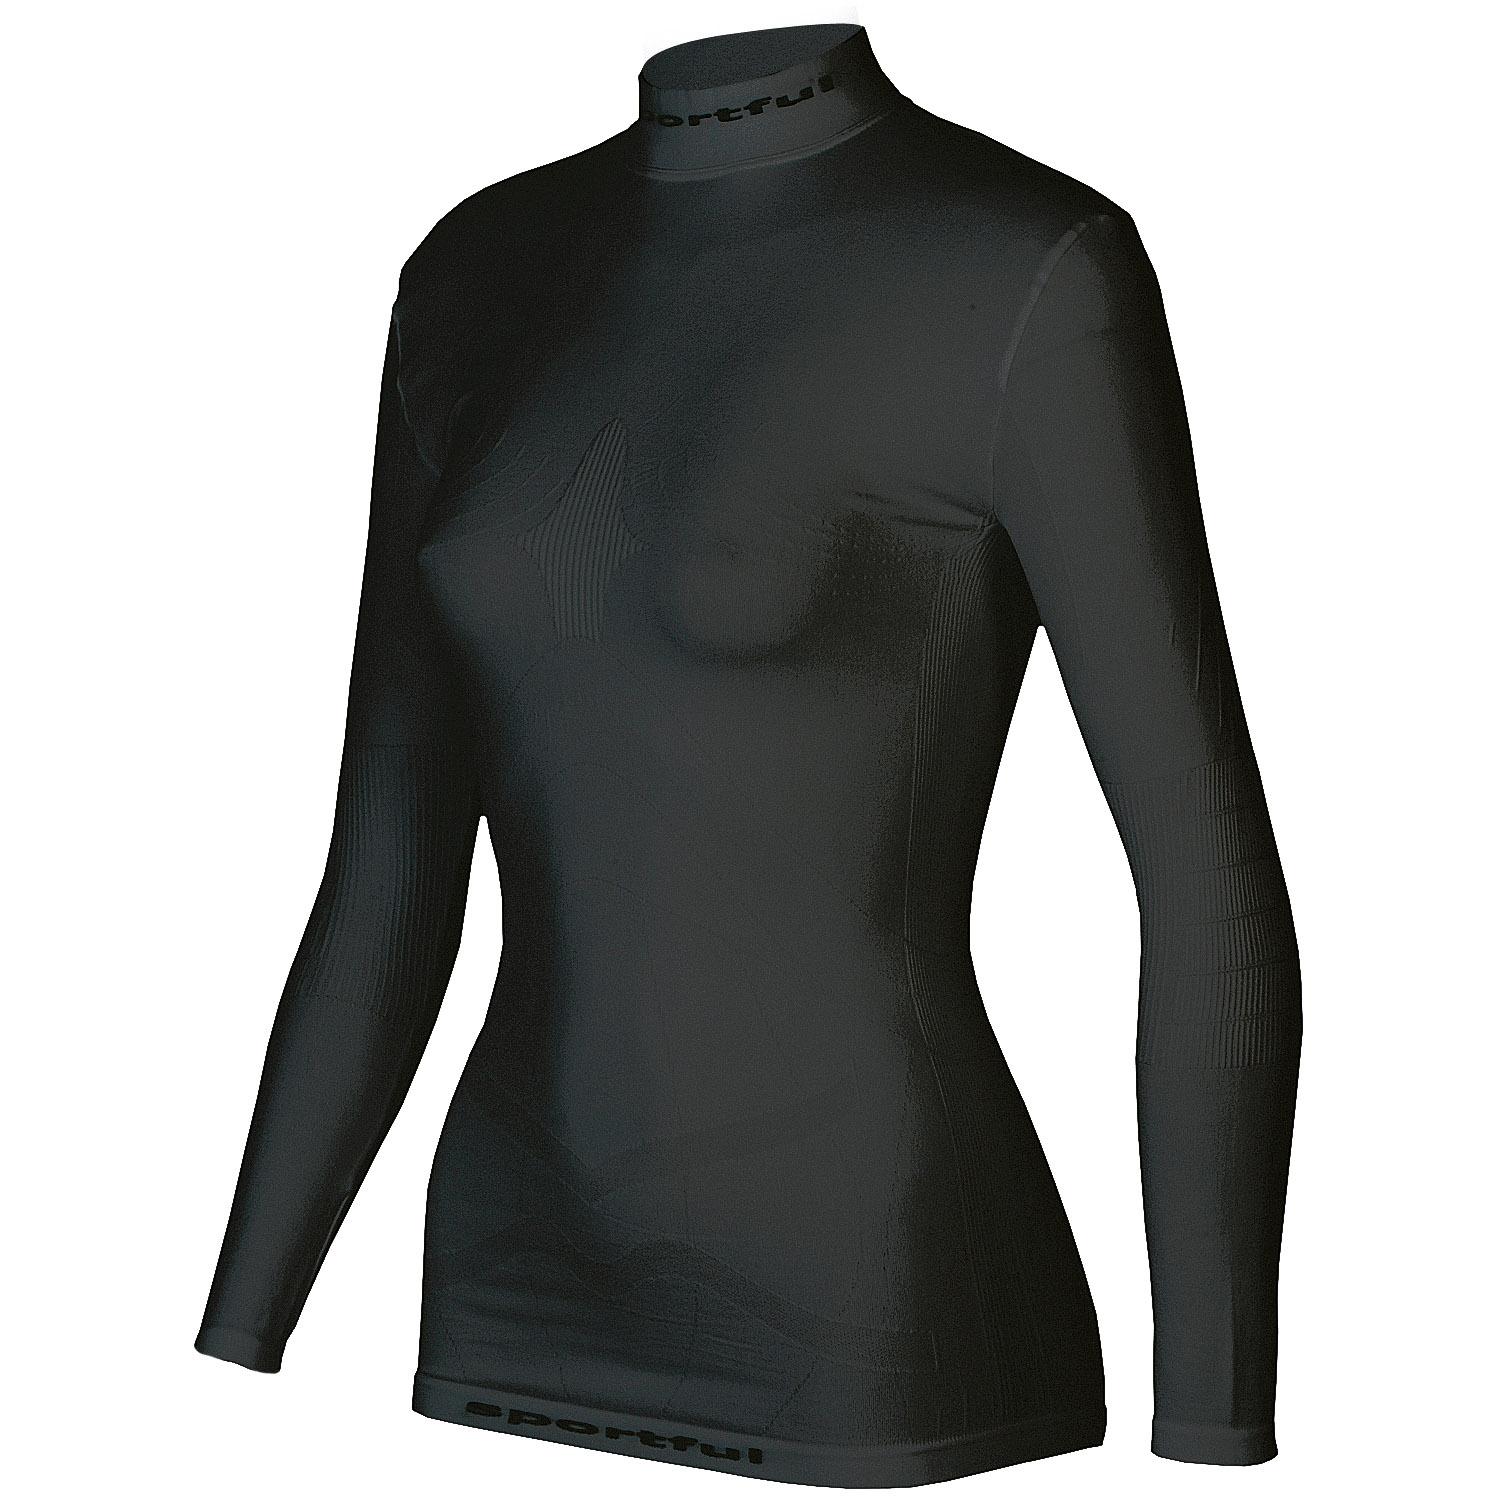 d772162a8b1f Výpredaj. -46%. Sportful Second Skin Deluxe Tričko dlhý rukáv dámske čierne